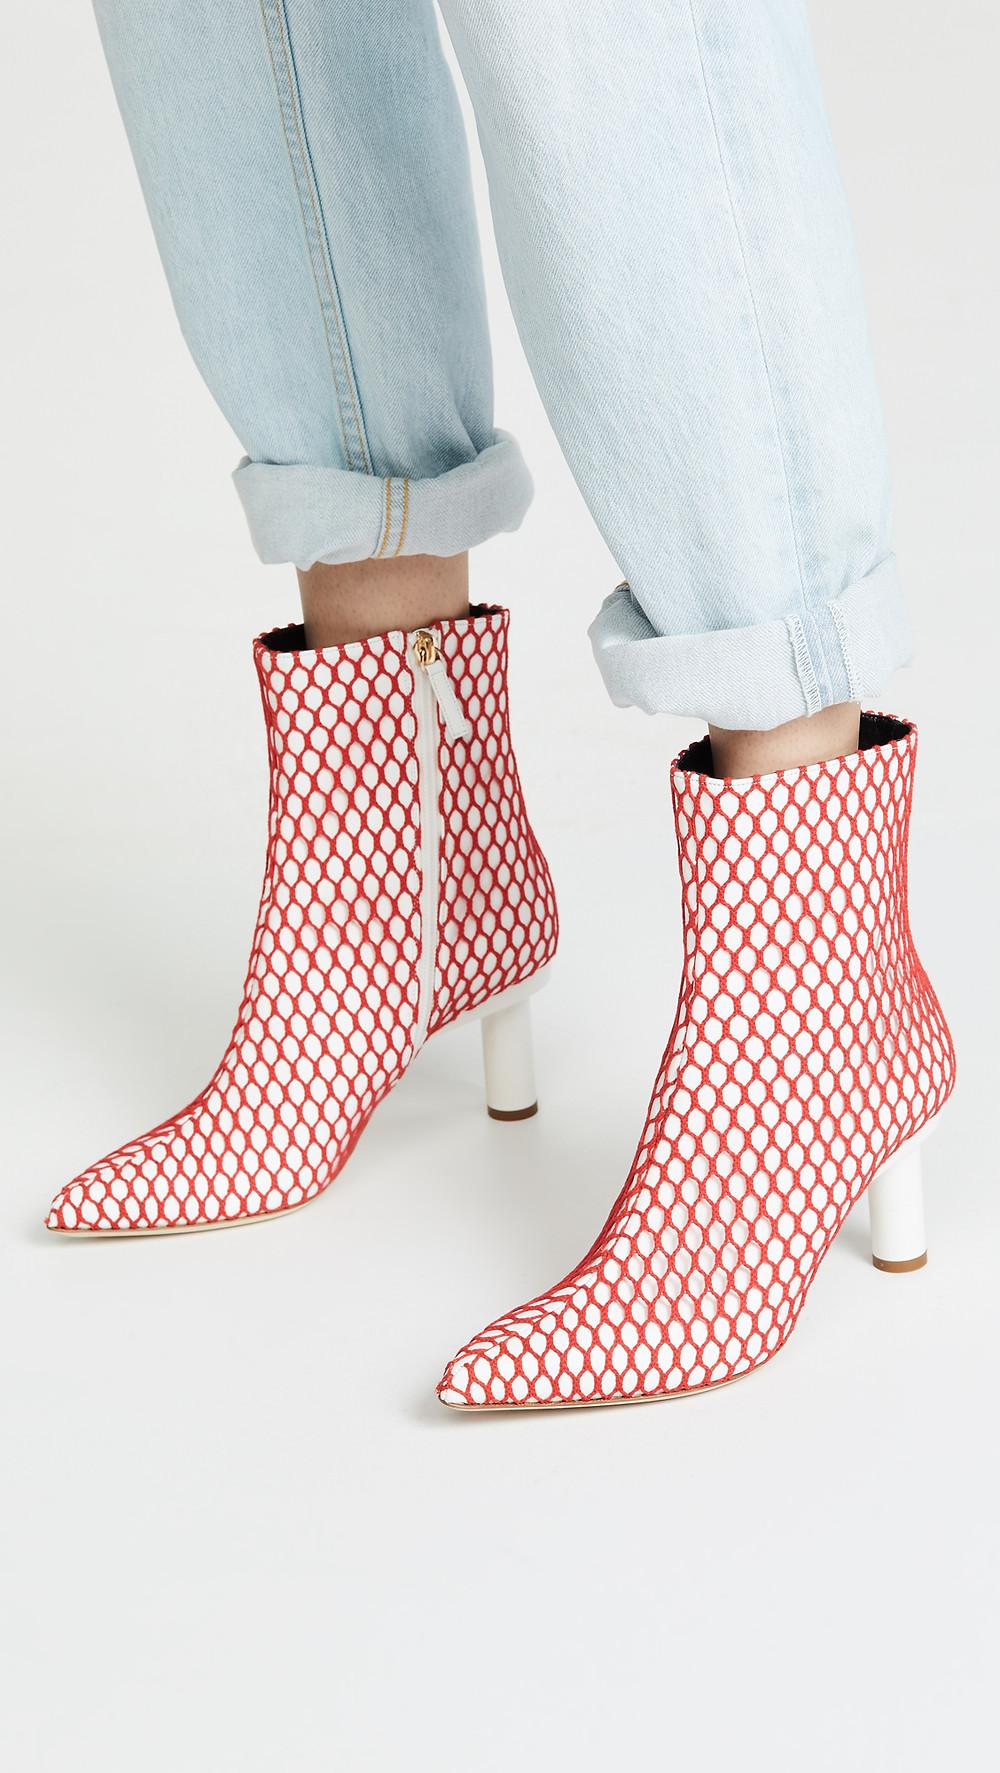 Tibi Mason Boots $695